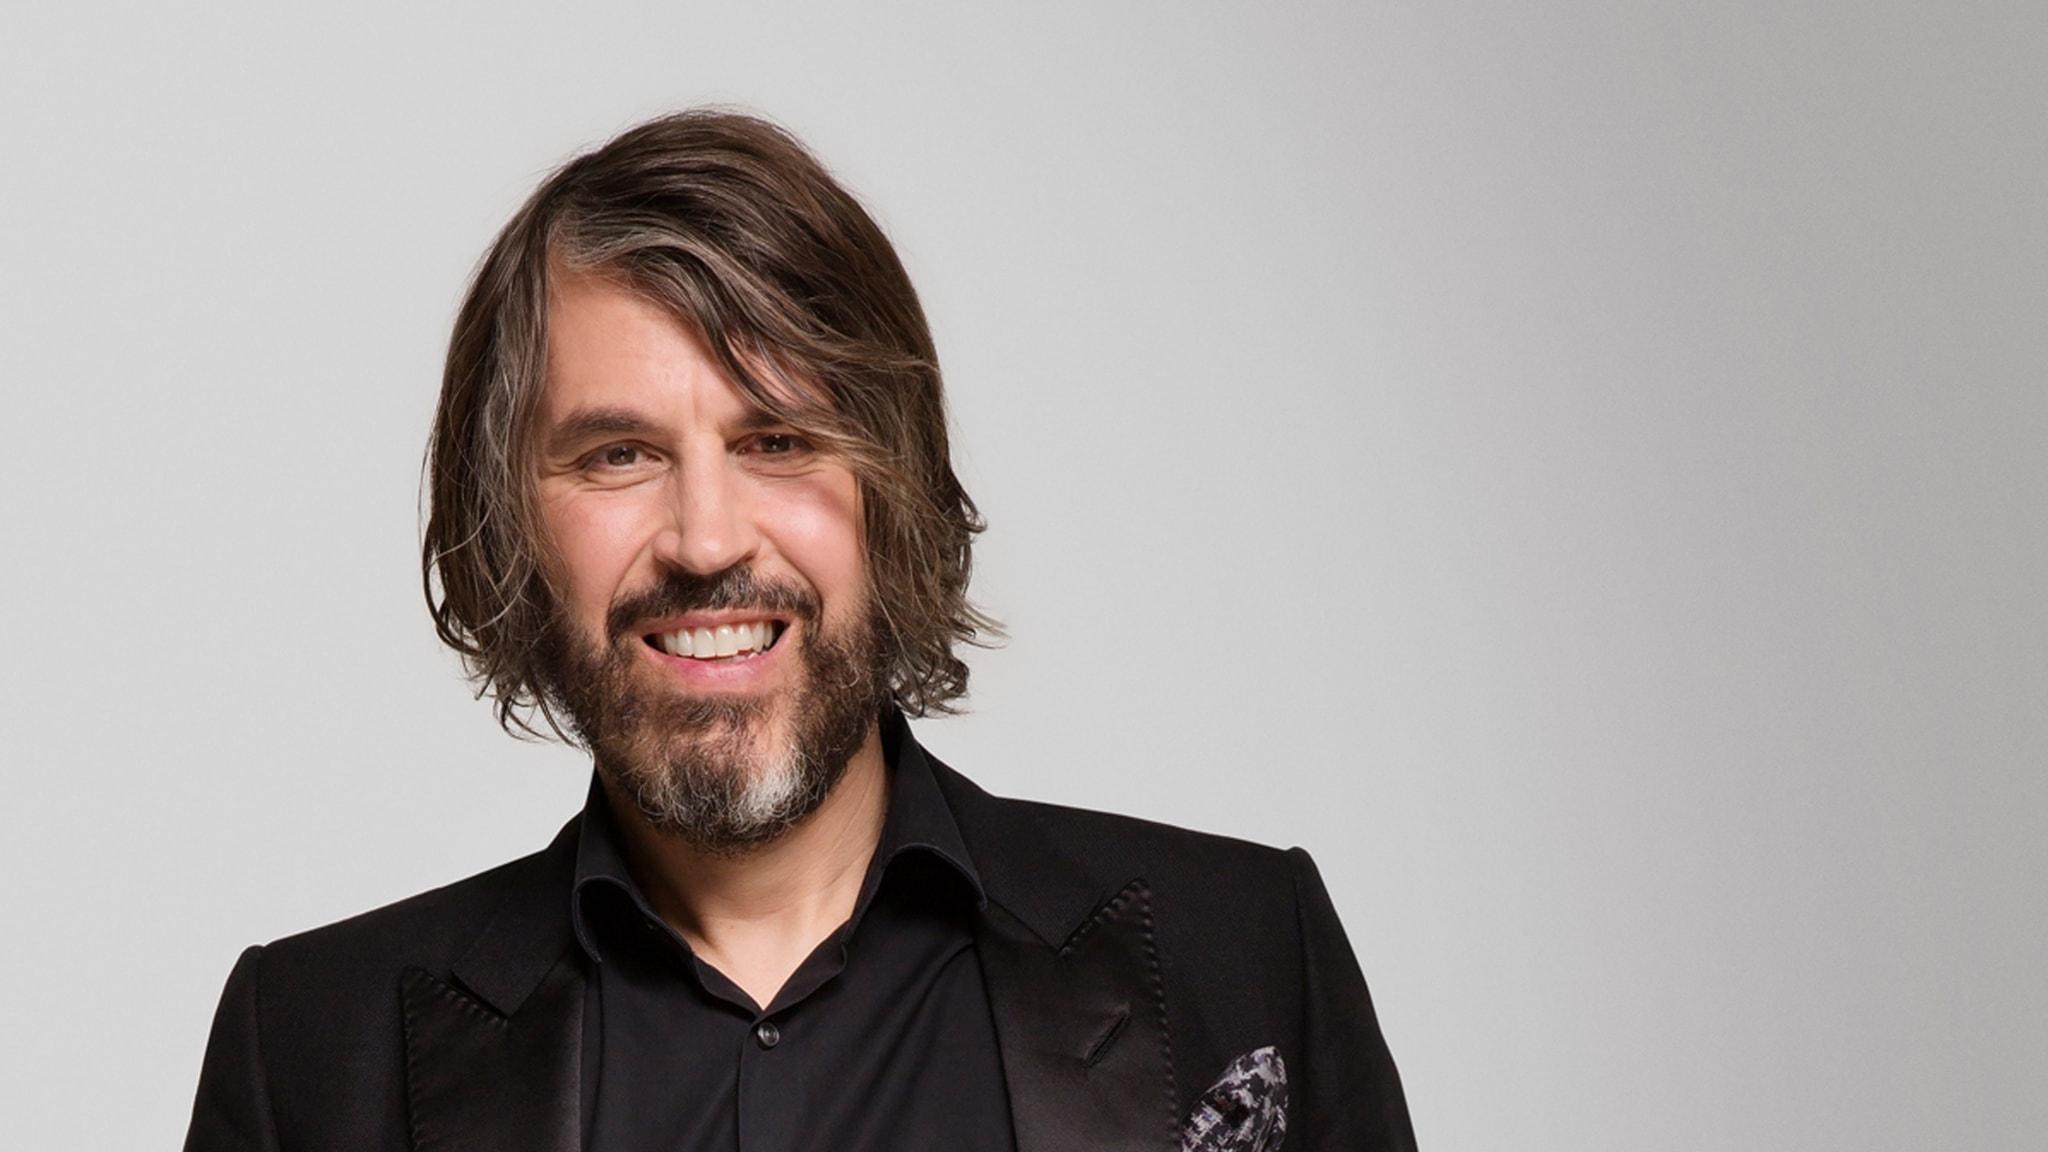 P4 Live med Ted Gärdestad, signerat Peter Nordahl